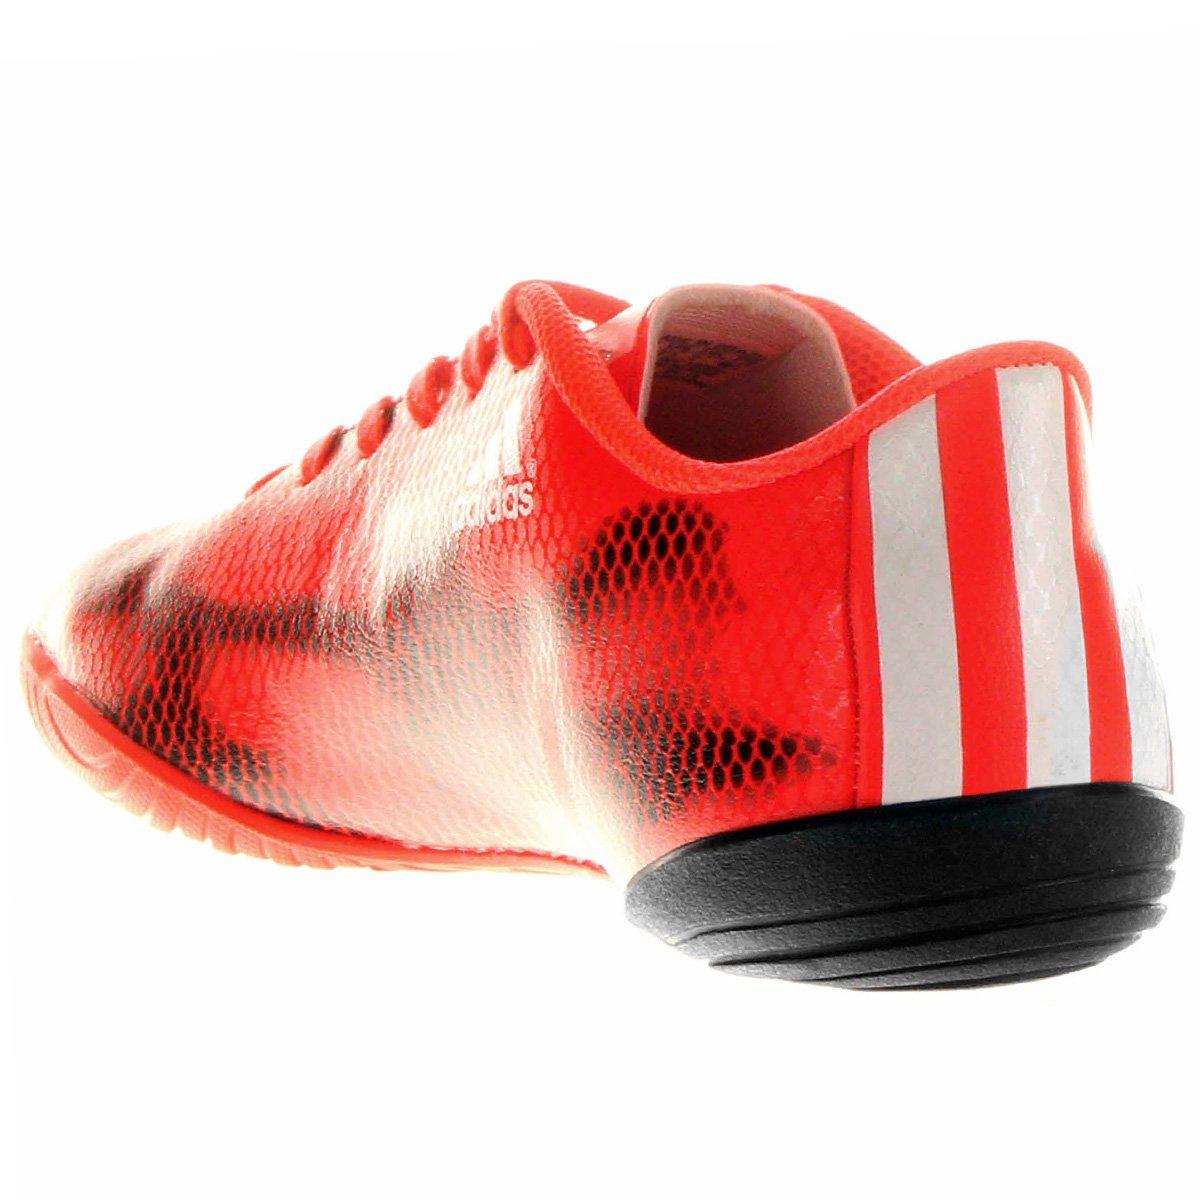 Chuteira Adidas F10 IN Futsal - Compre Agora  e641c8f48e096